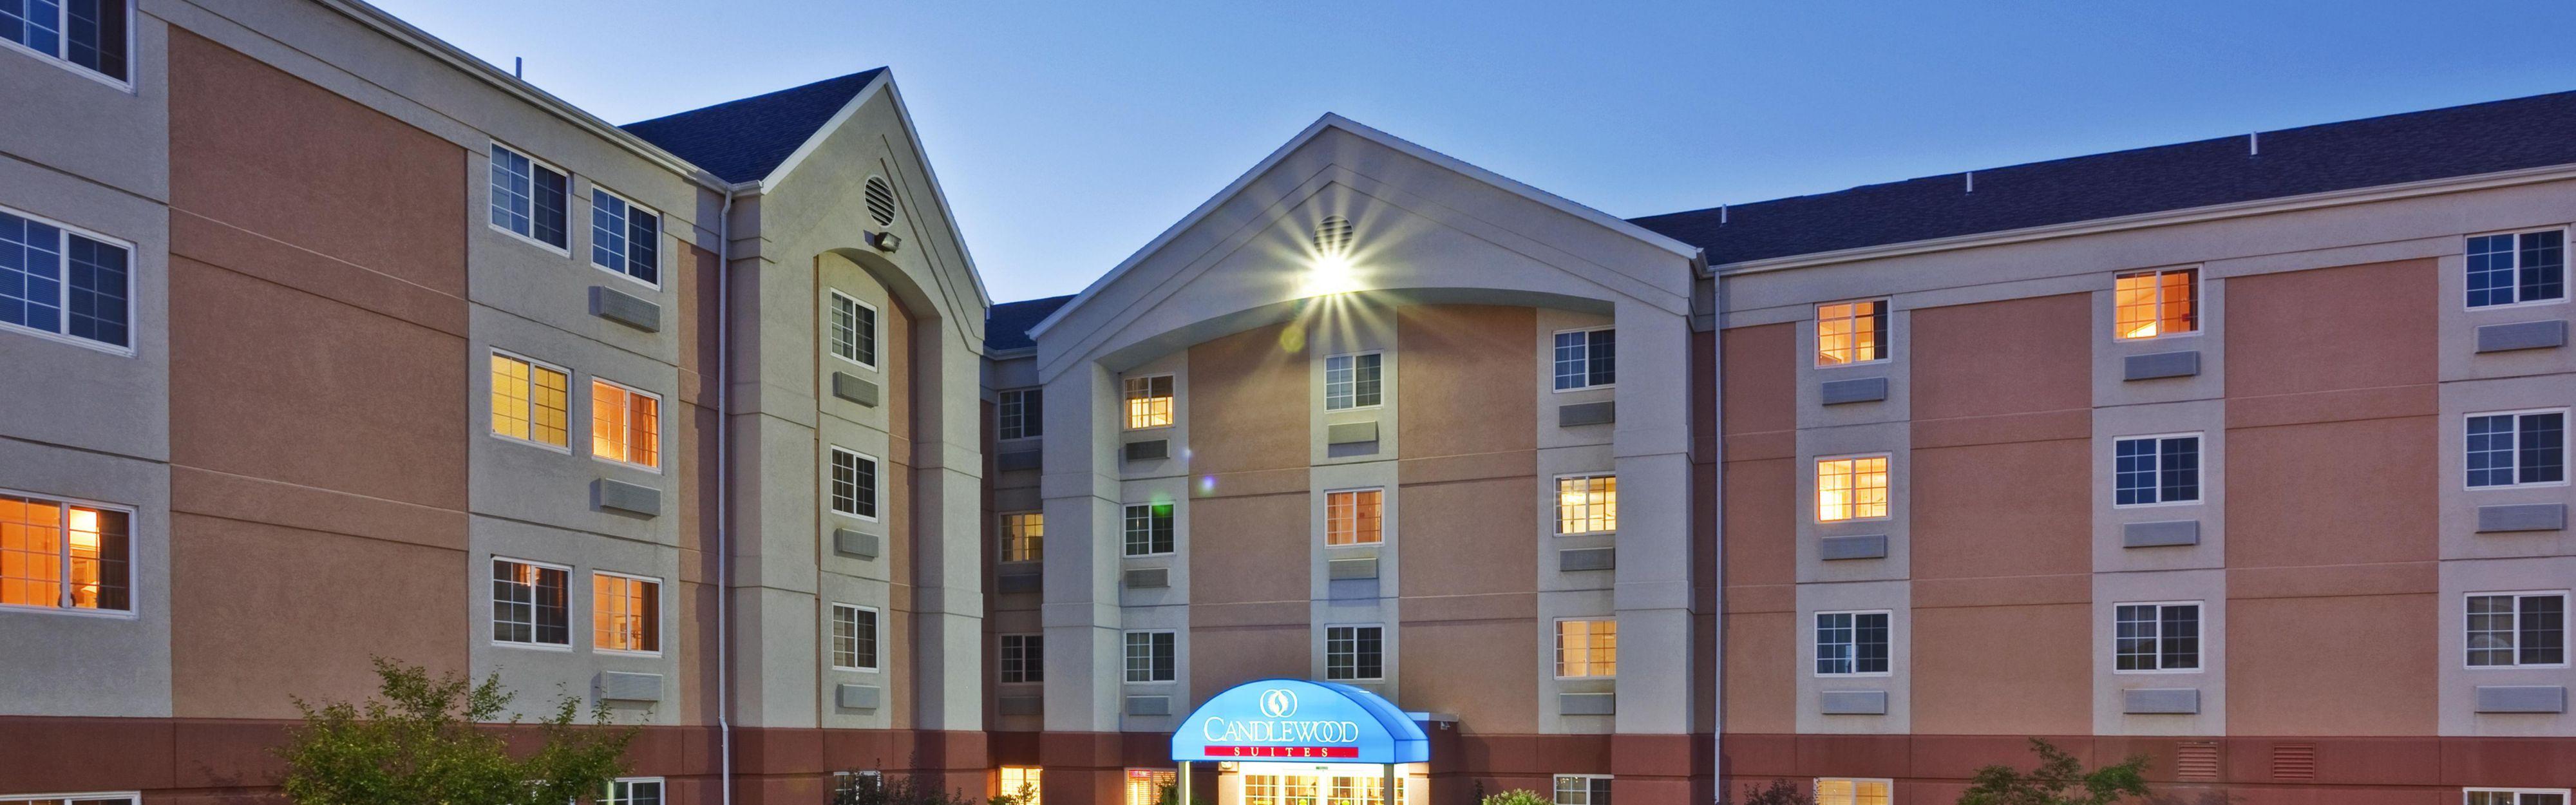 Hotels In Syracuse Ny Near I